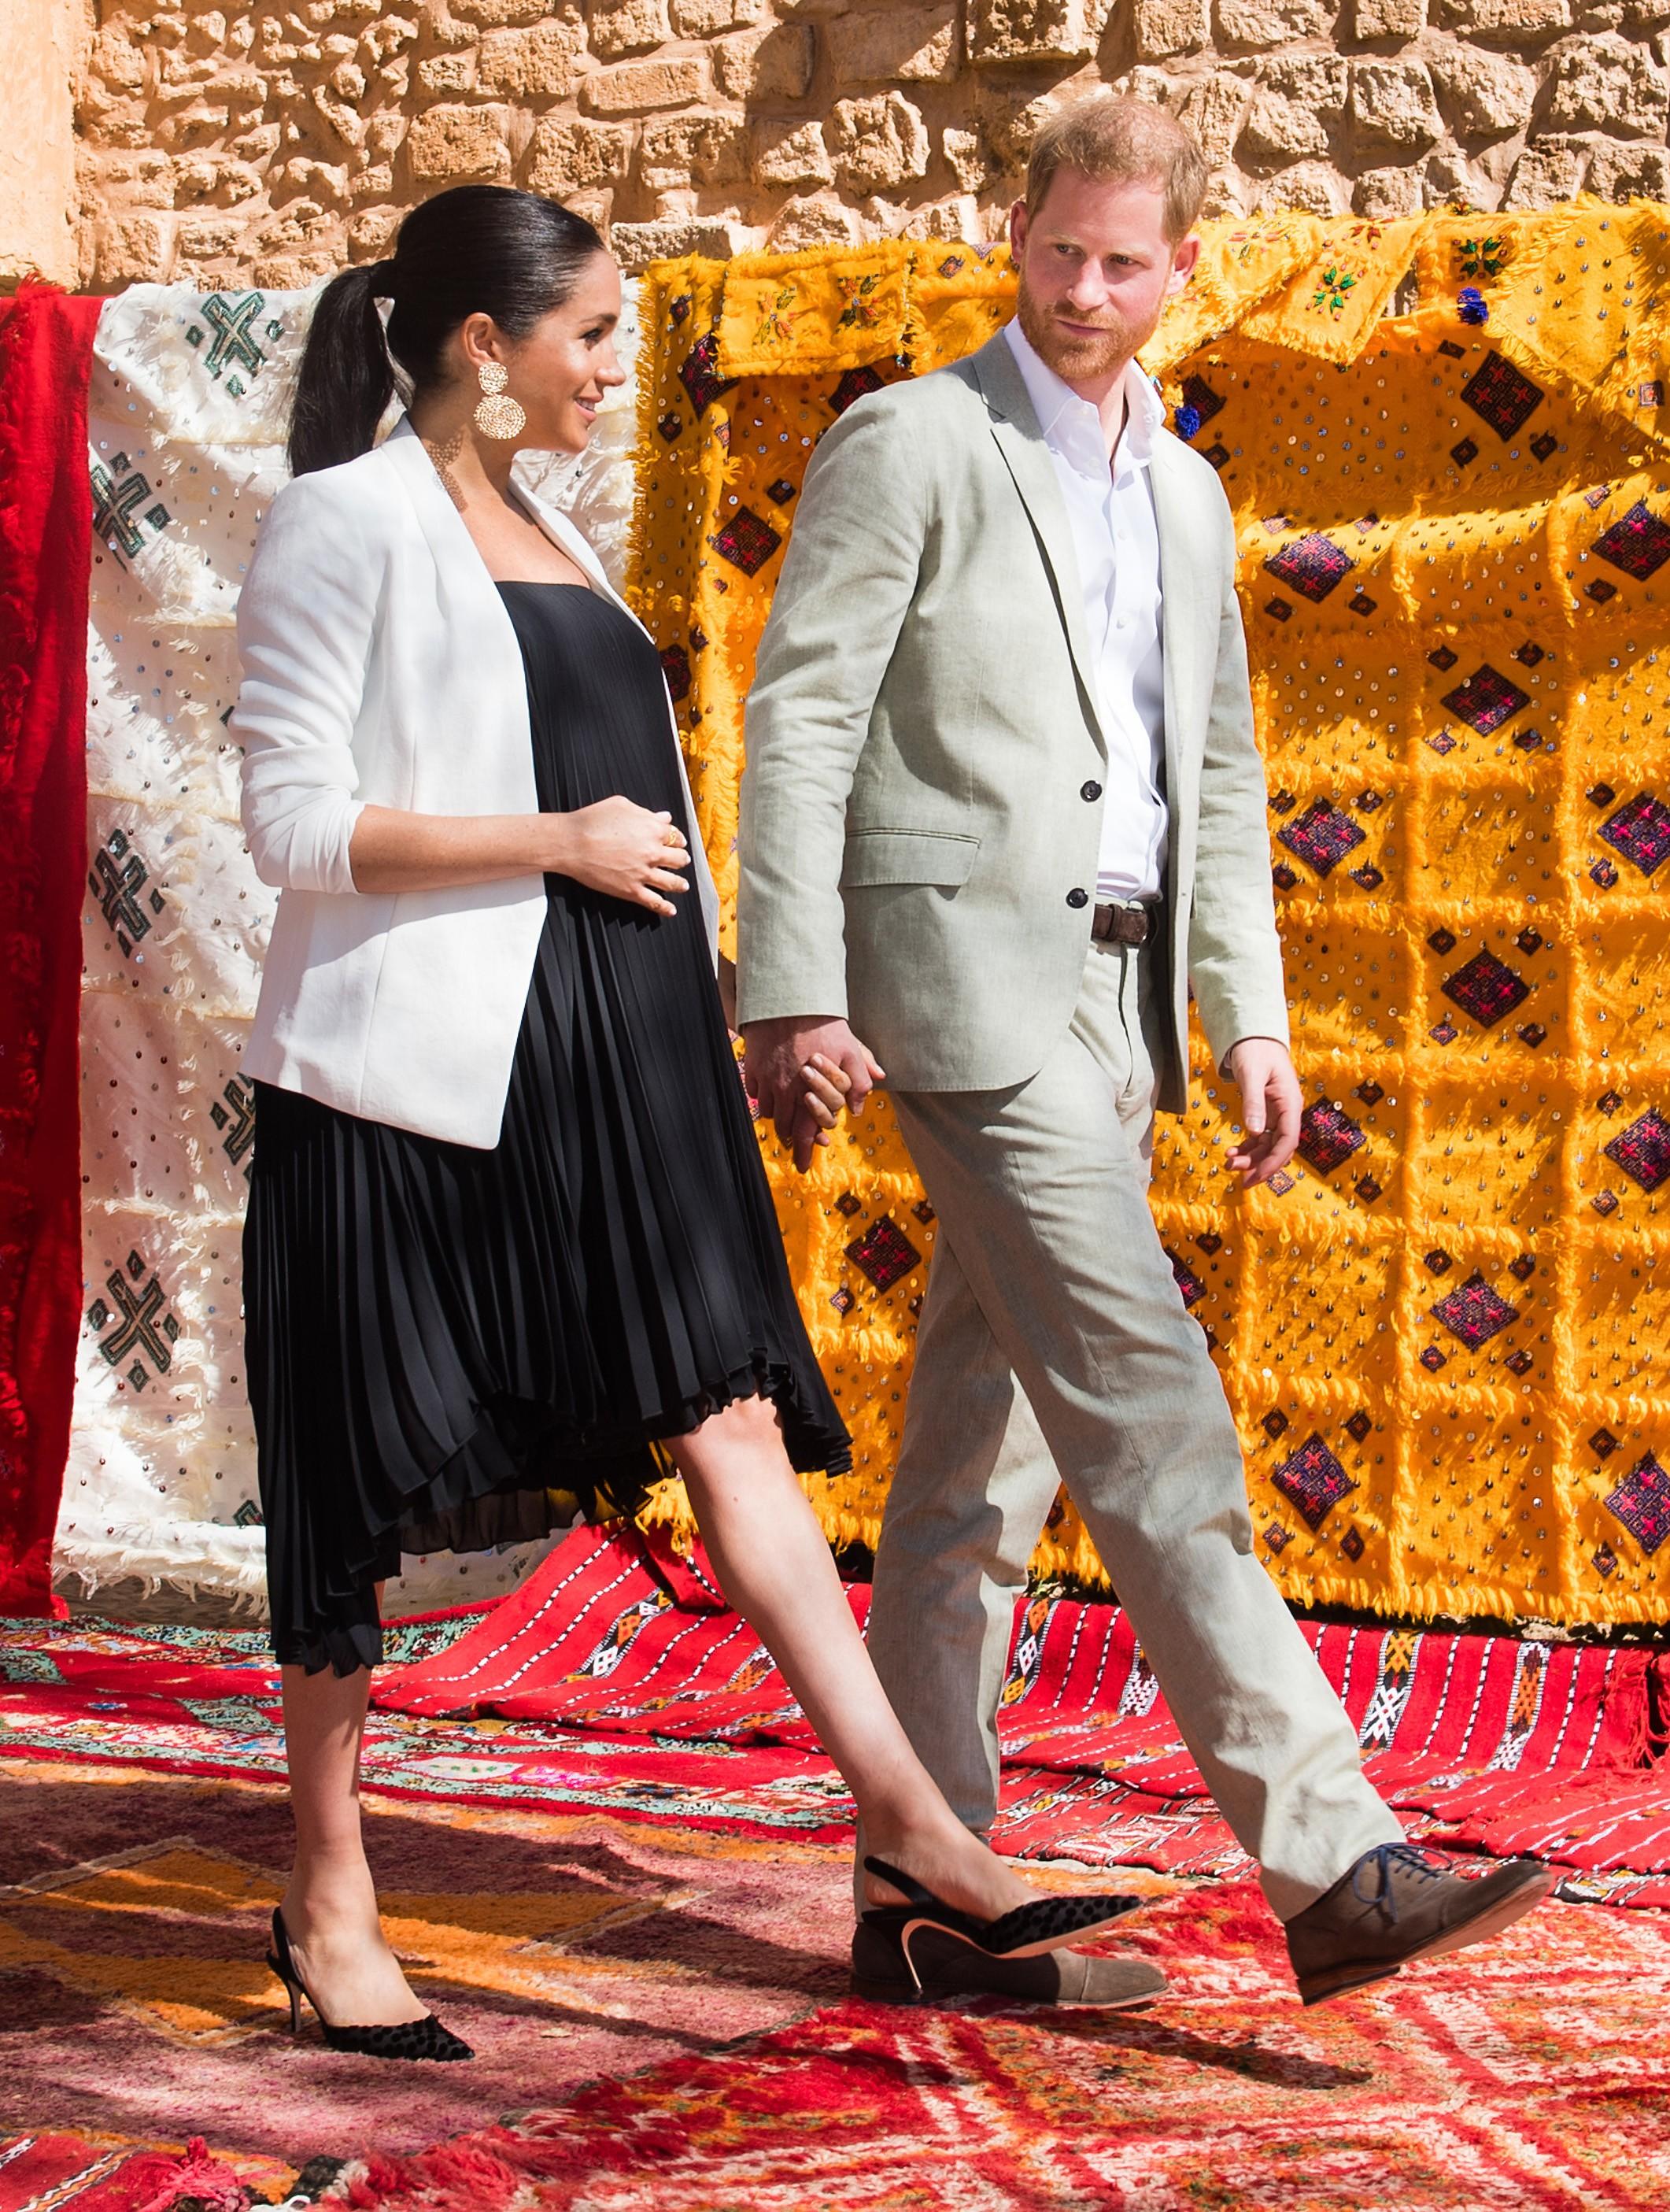 A atriz e duquesa Meghan Markle durante a viagem dela com o marido ao Marrocos (Foto: Getty Images)